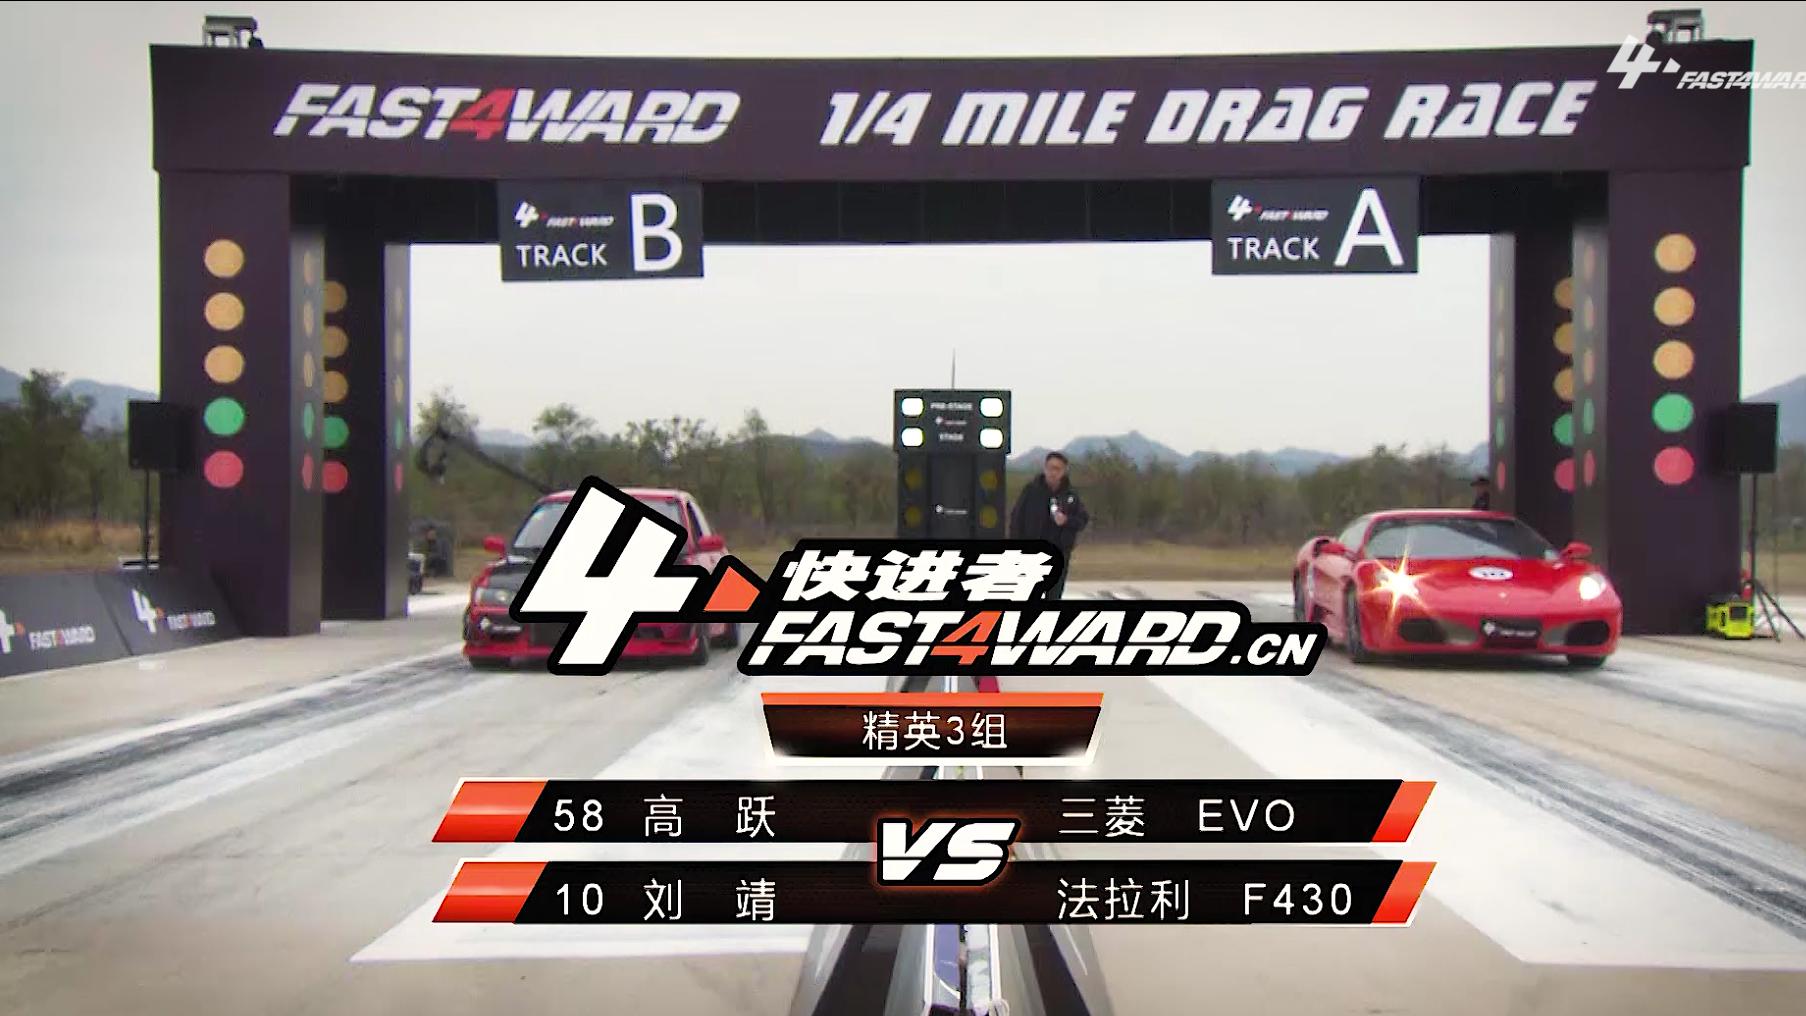 法拉利F430 vs EVO,谁是400米直线王中王?